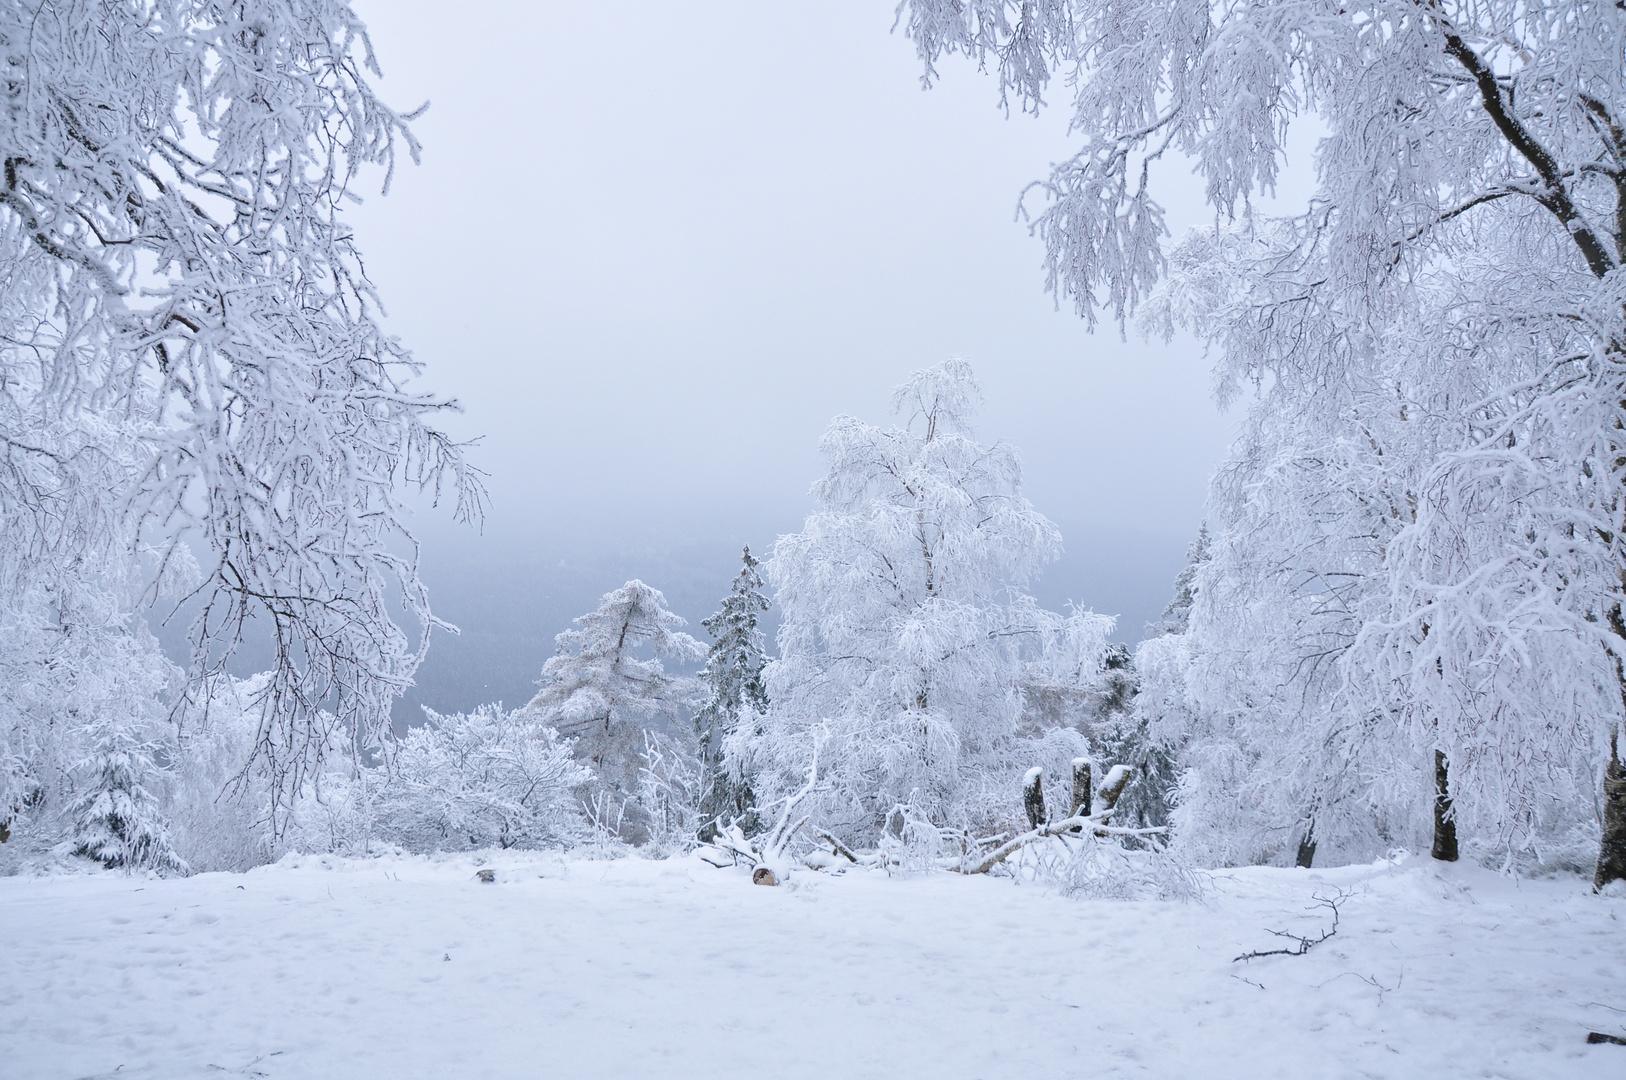 winterlandschaft foto amp bild jahreszeiten winter natur